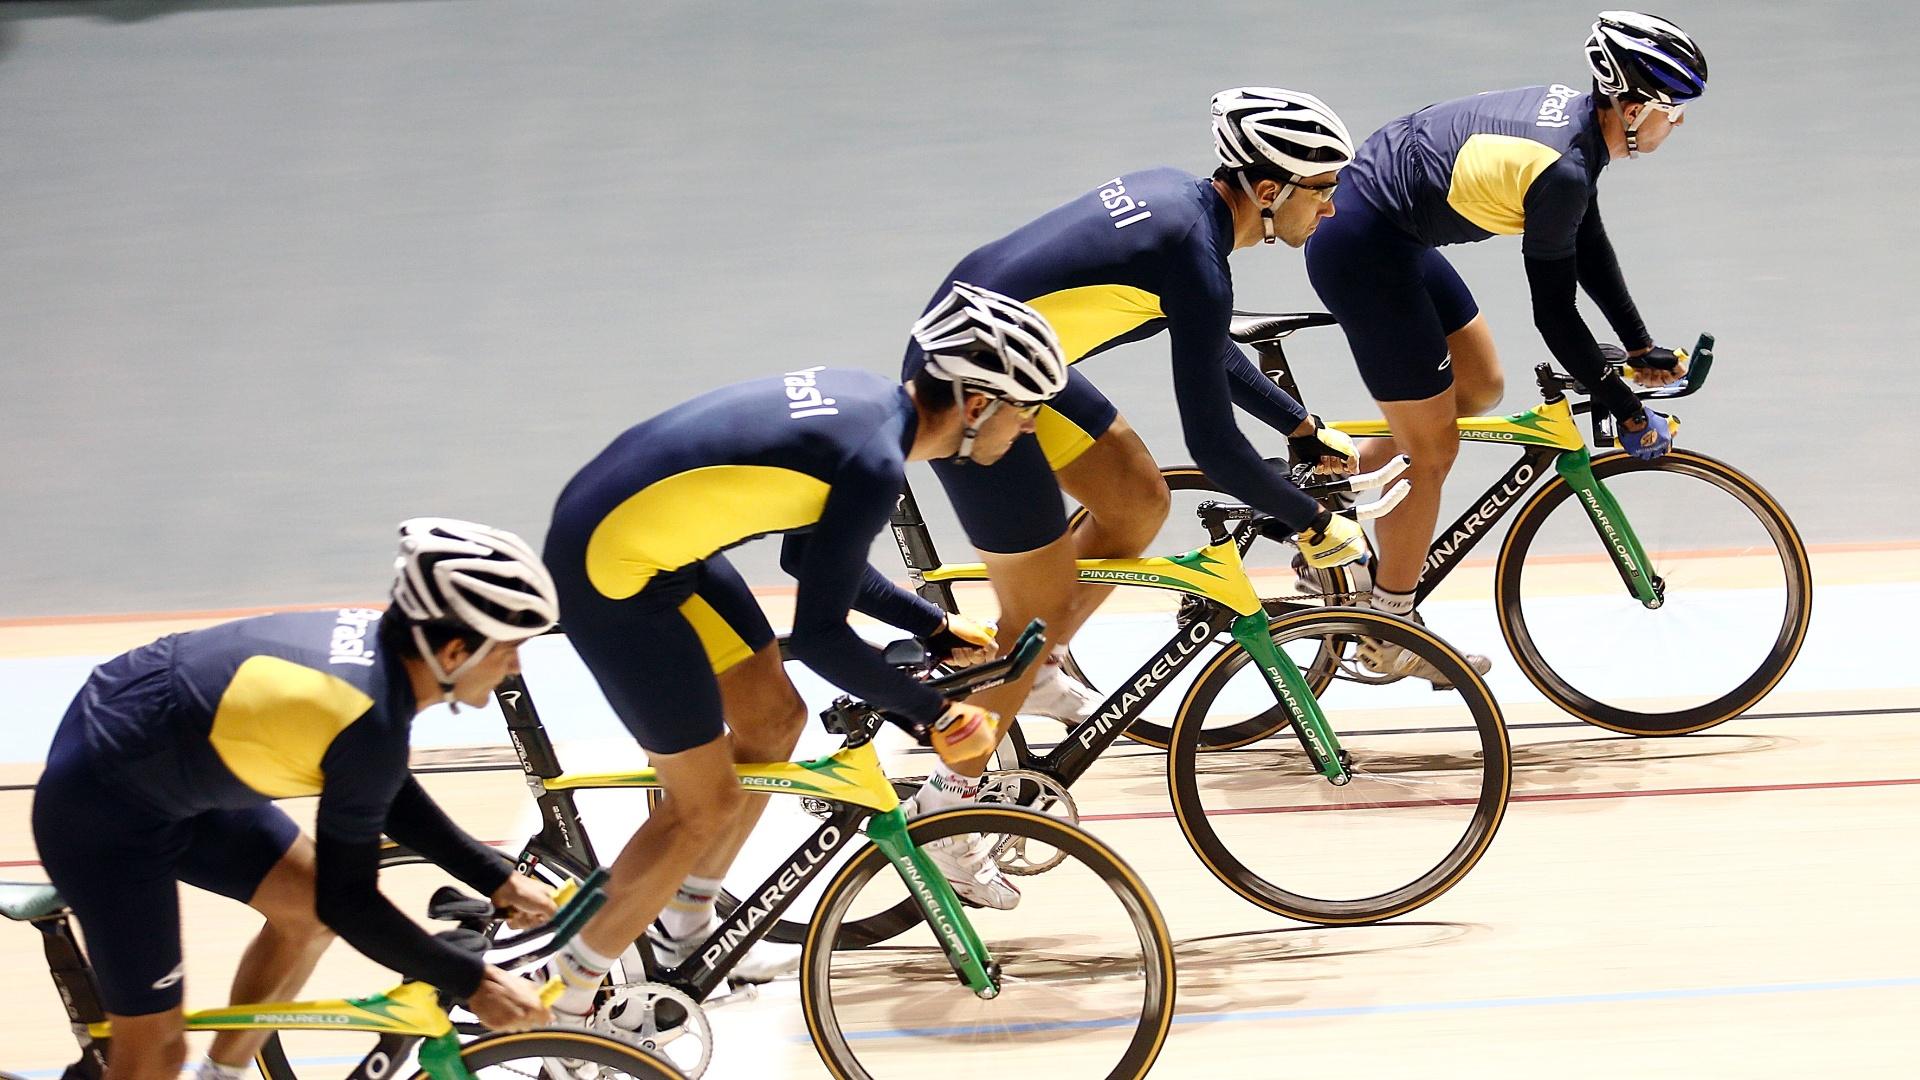 Ciclistas brasileiros realizam treinamento em Guadalajara, como preparação para os Jogos Pan-Americanos